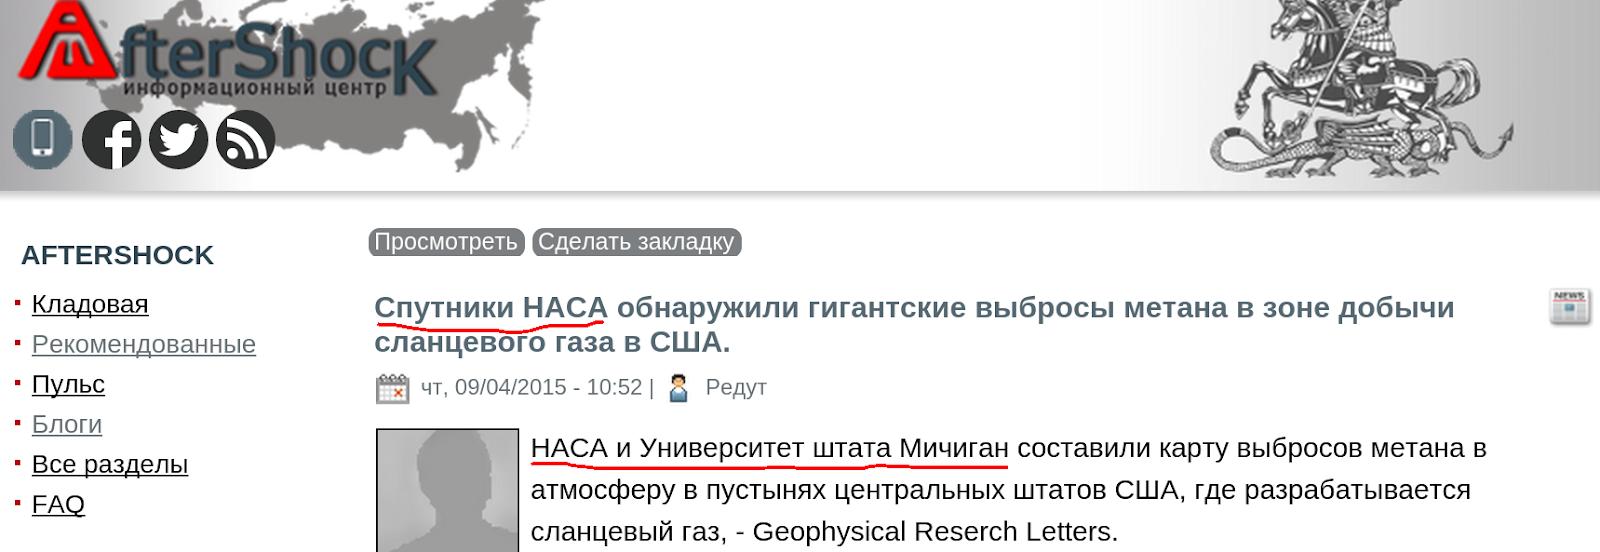 Сказ о том, как афтершоковская пропаганда сделала десятки и сотни тысяч читателей немного глупее